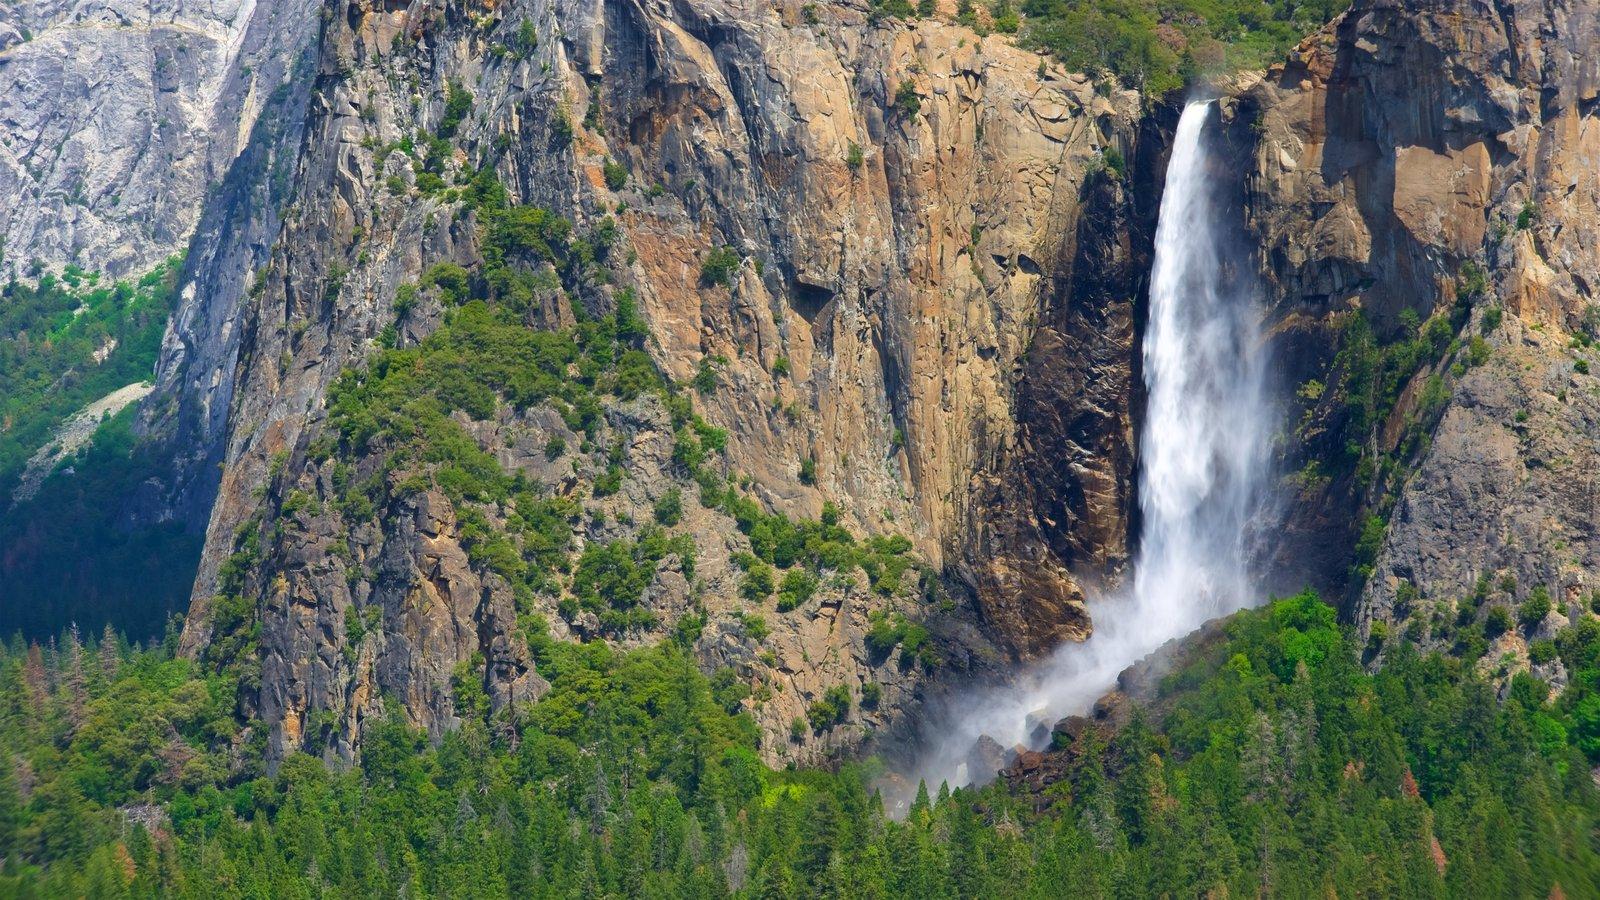 Tunnel View mostrando uma cascata, florestas e montanhas